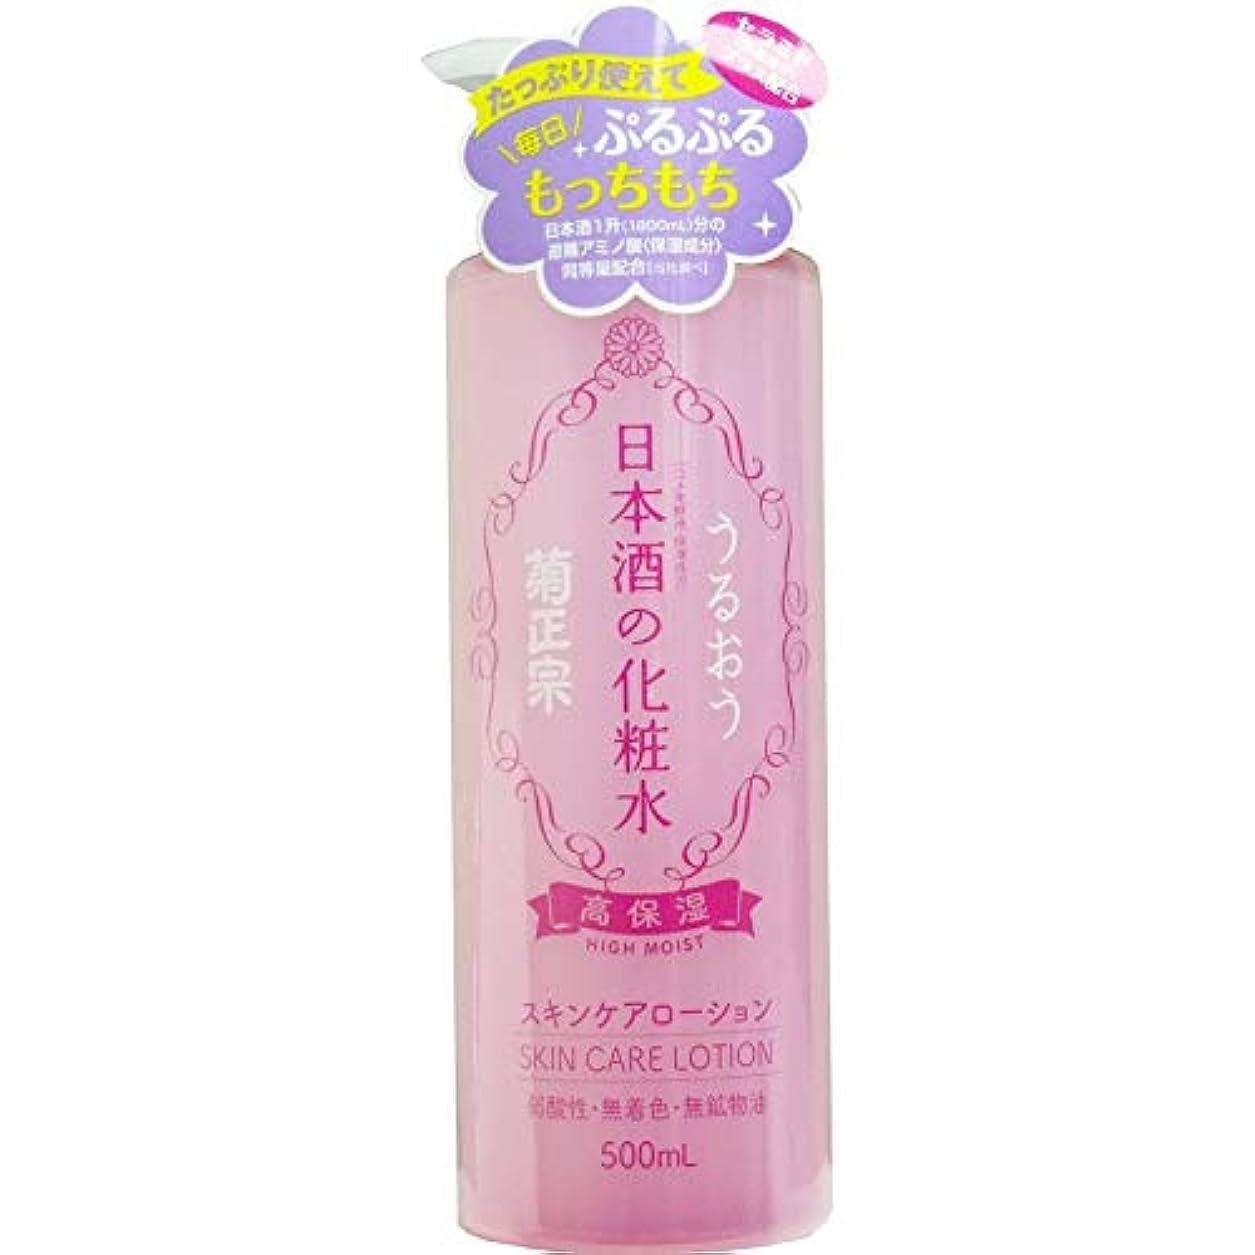 ジェット慎重にセマフォ日本酒の化粧水 菊政宗 化粧水 500ml×2本セット